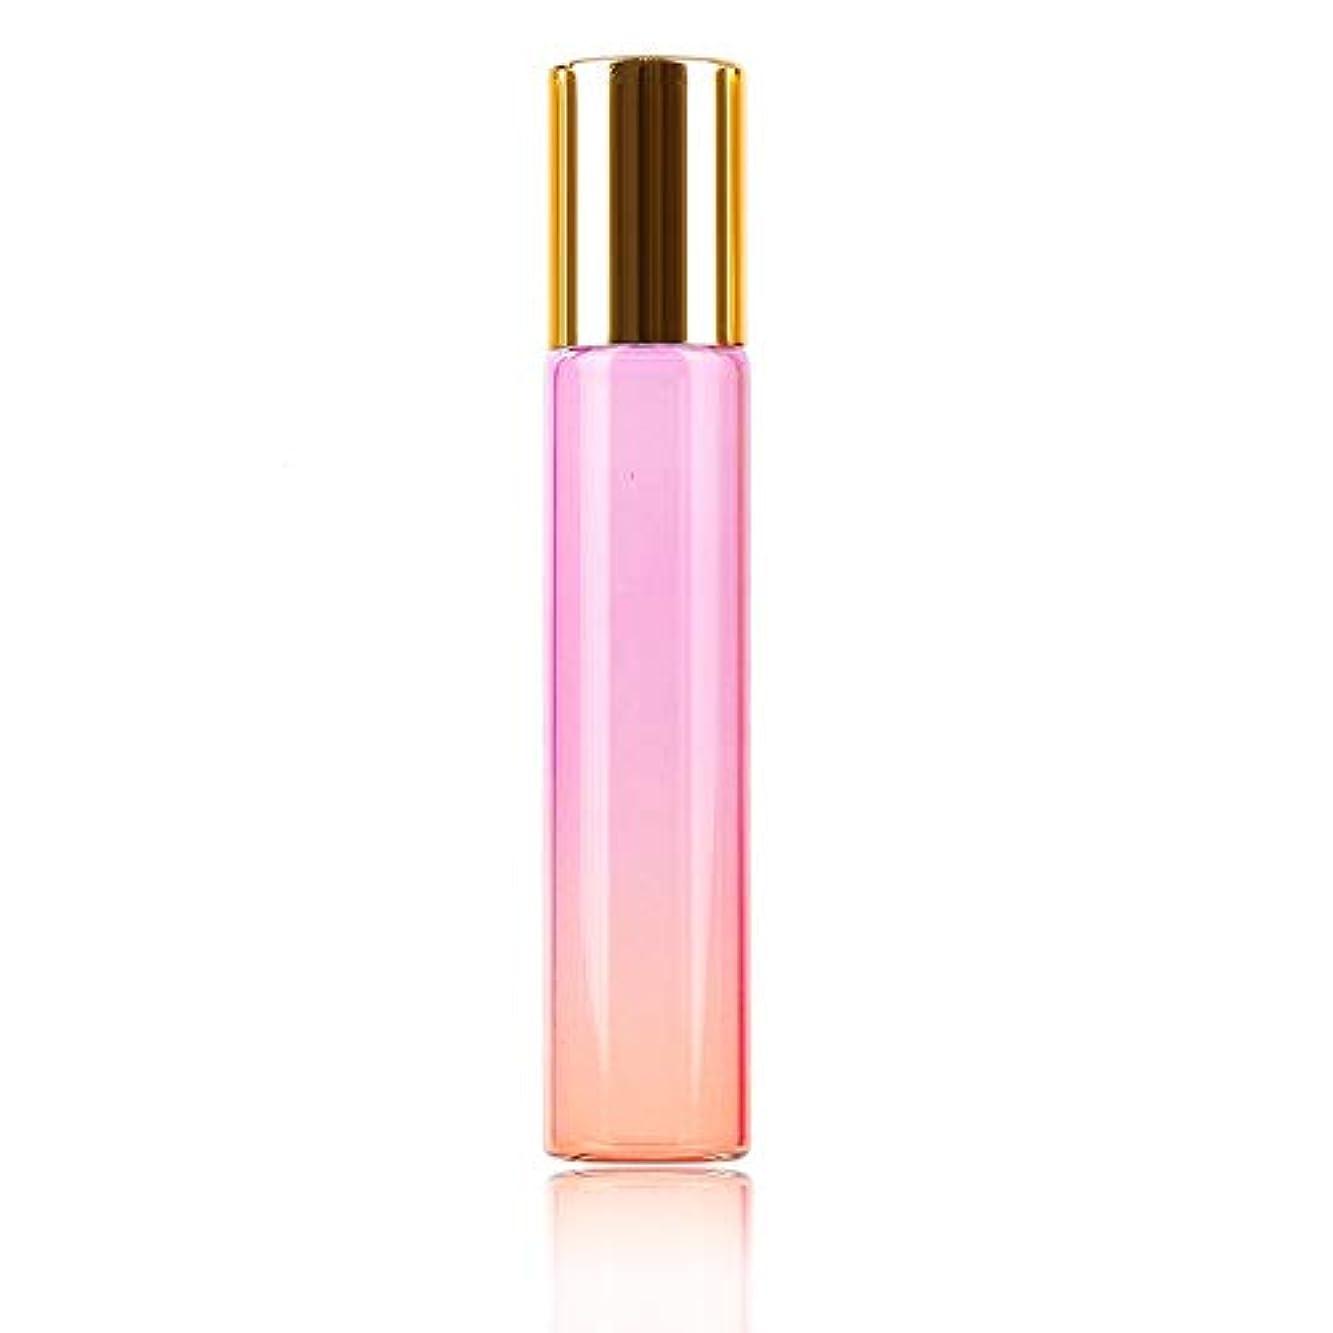 発見わがままシットコムエッセンシャルオイル空の香水瓶のローラーボールの旅行のための耐久性のボトル、10ML、パープル、オレンジ色のボトル、グラスオンの1pcs /クリニーク10ミリリットルグラデーションの色の厚いガラスロール